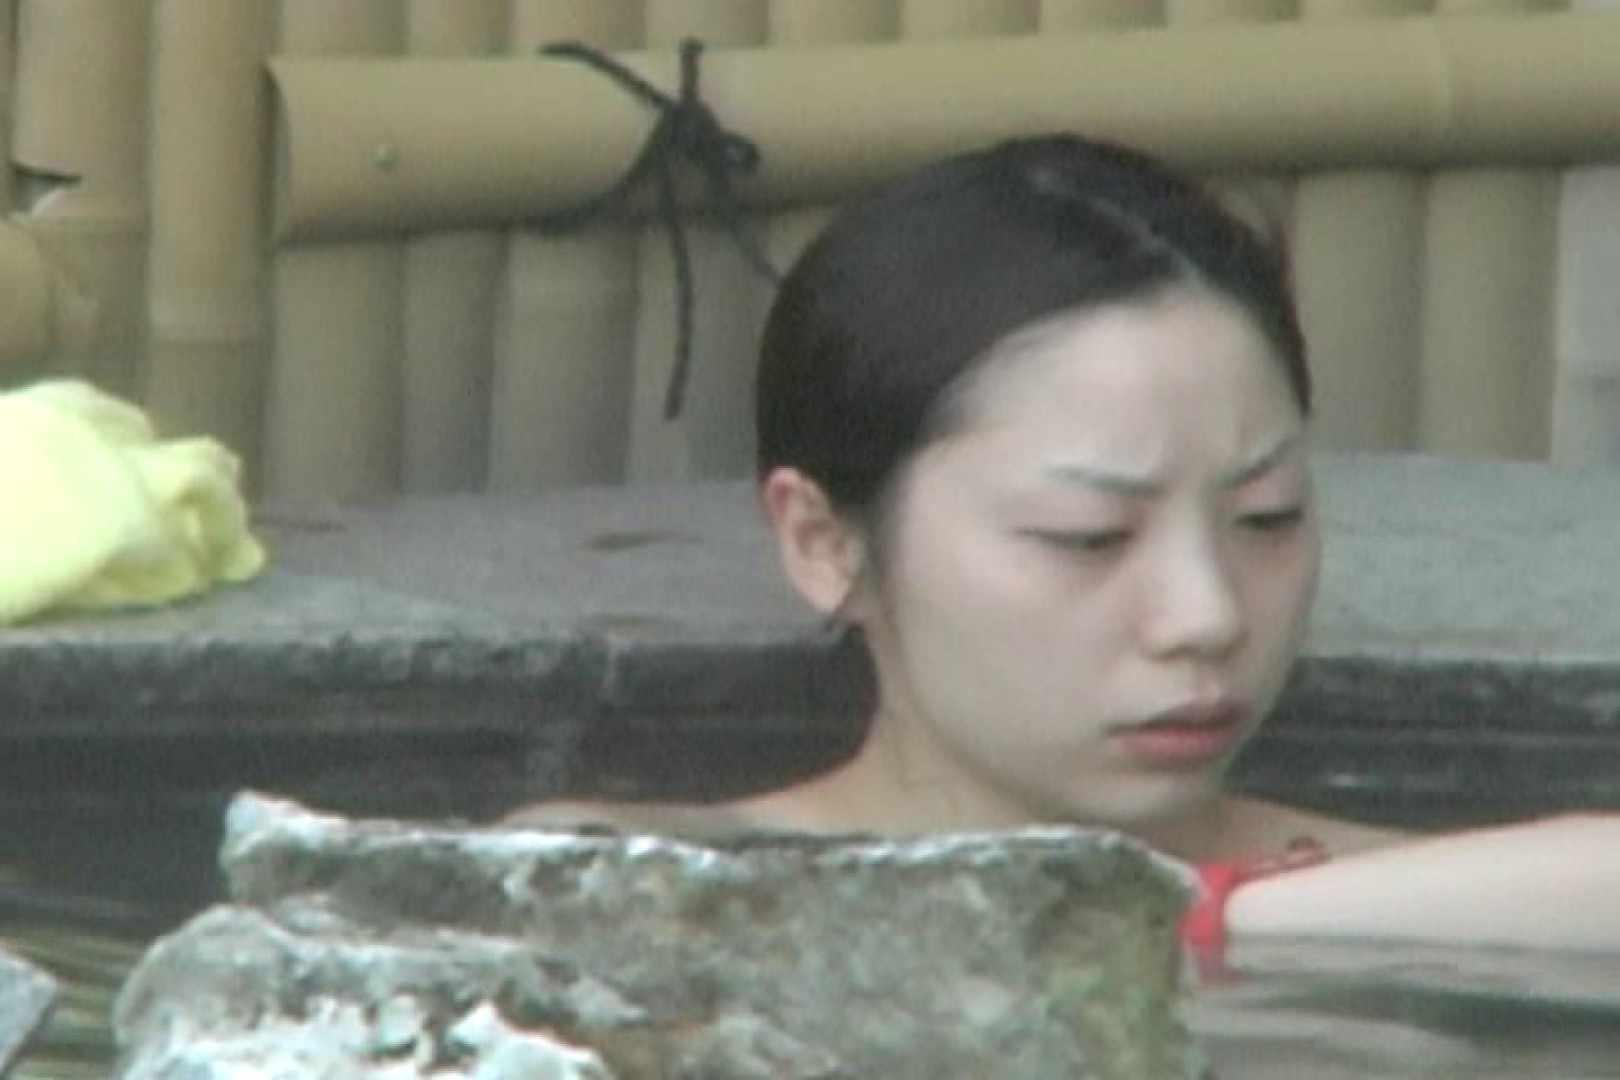 Aquaな露天風呂Vol.596 盗撮シリーズ  113PIX 32